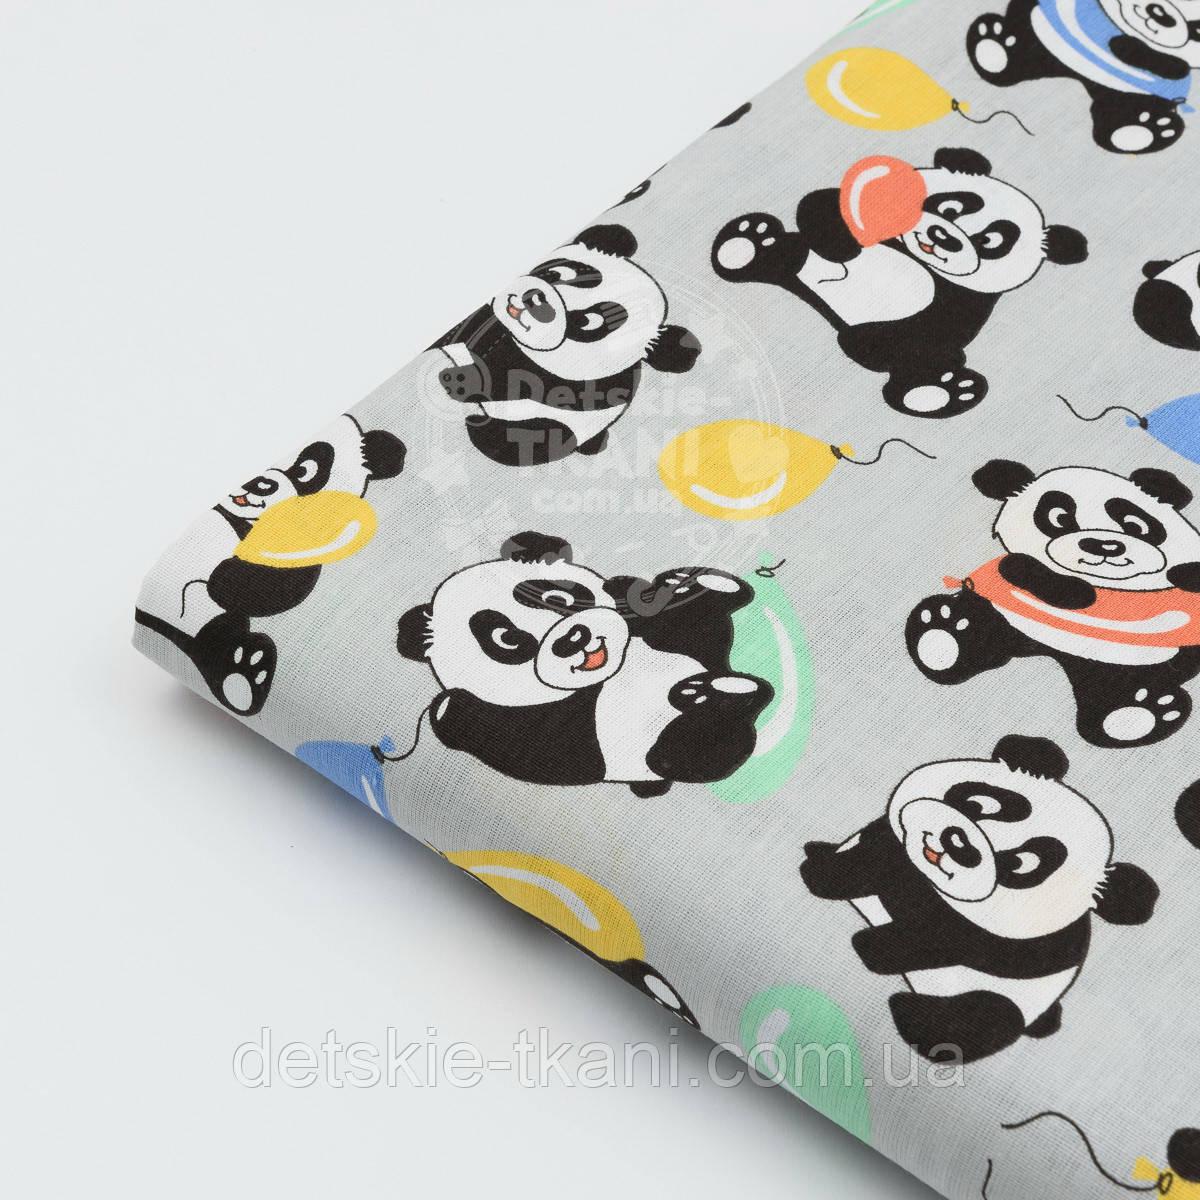 """Отрез ткани №820  """"Панды с шариками"""" на сером фоне, размер 54*160"""